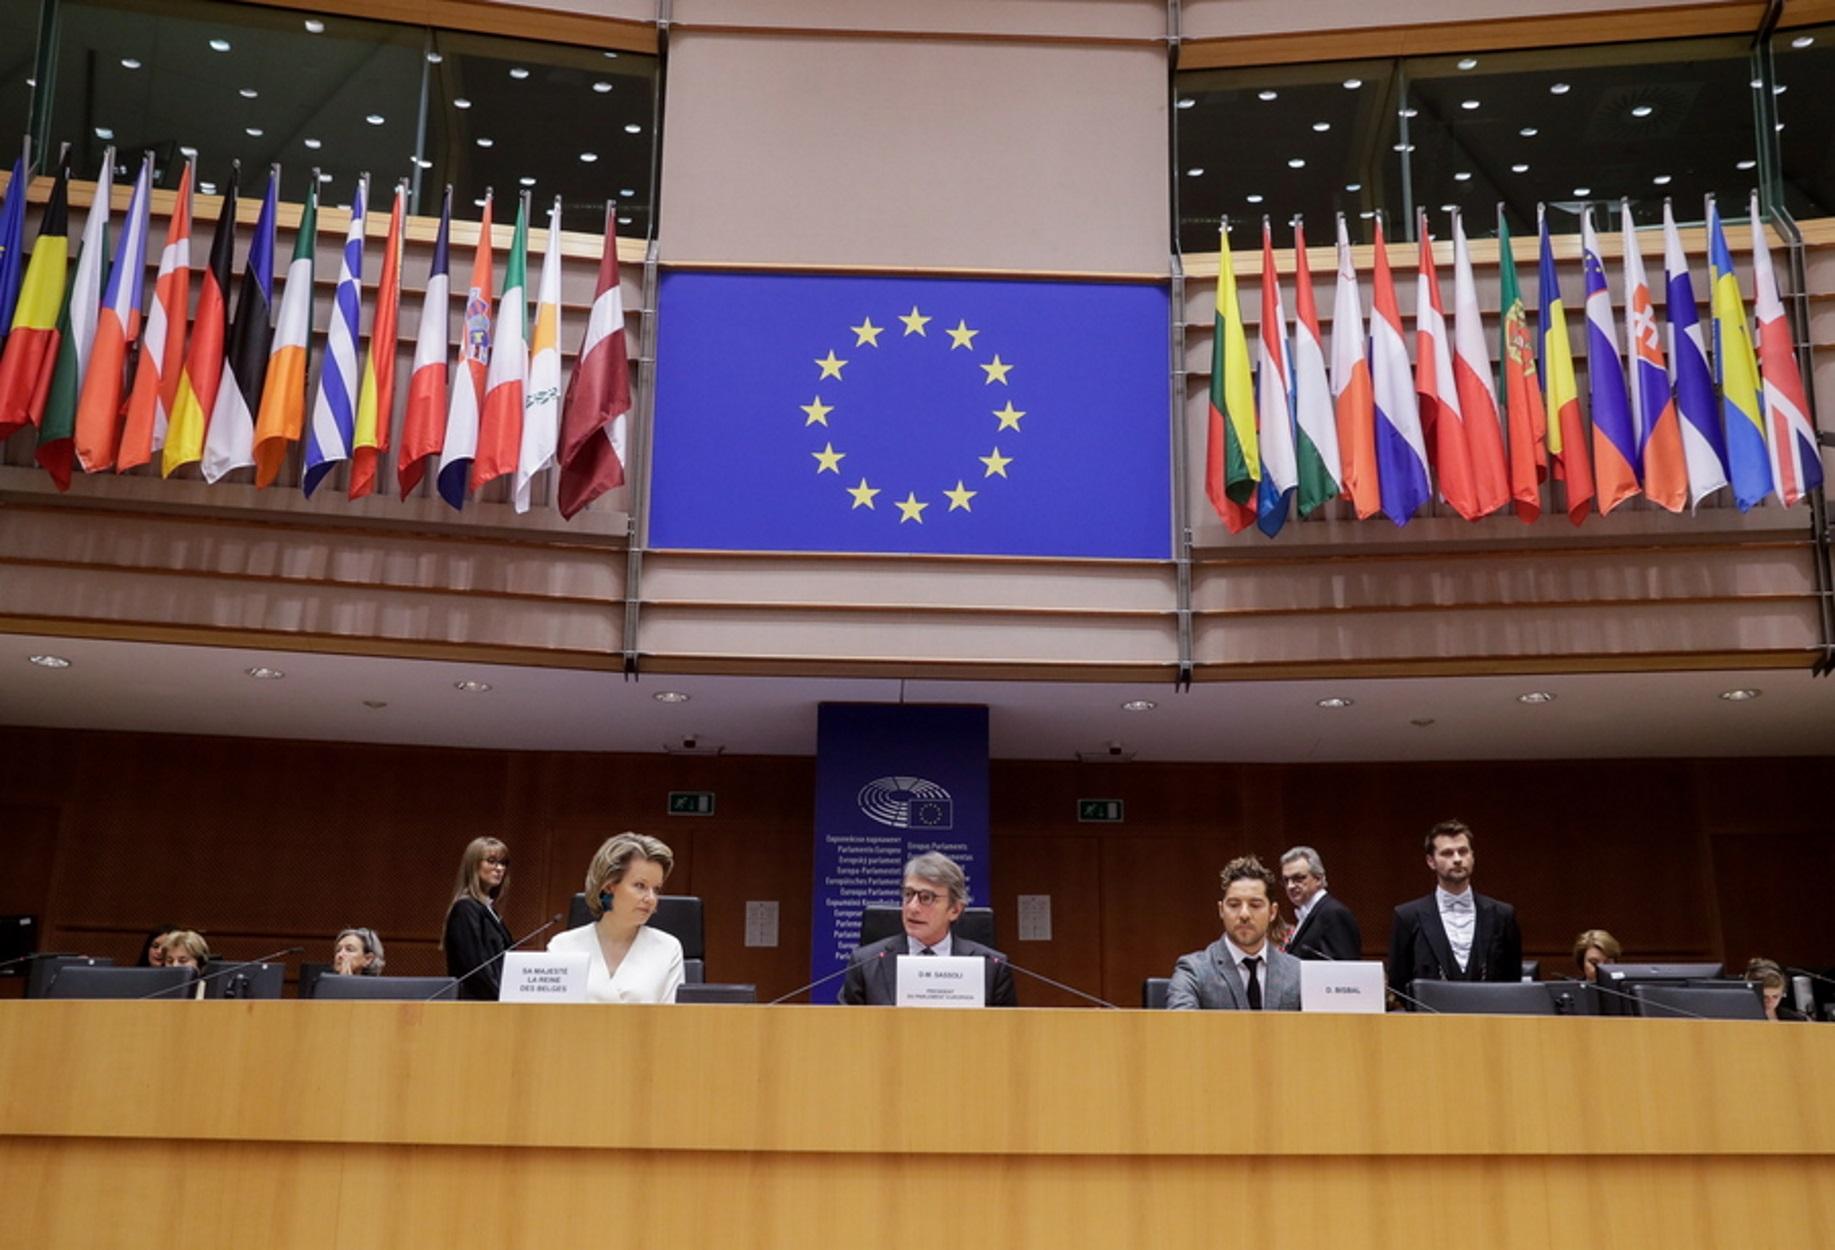 Ευρωπαϊκό Κοινοβούλιο: Επαναπατρισμός όλων των ανήλικων Ευρωπαίων που έχουν γονείς τζιχαντιστές!